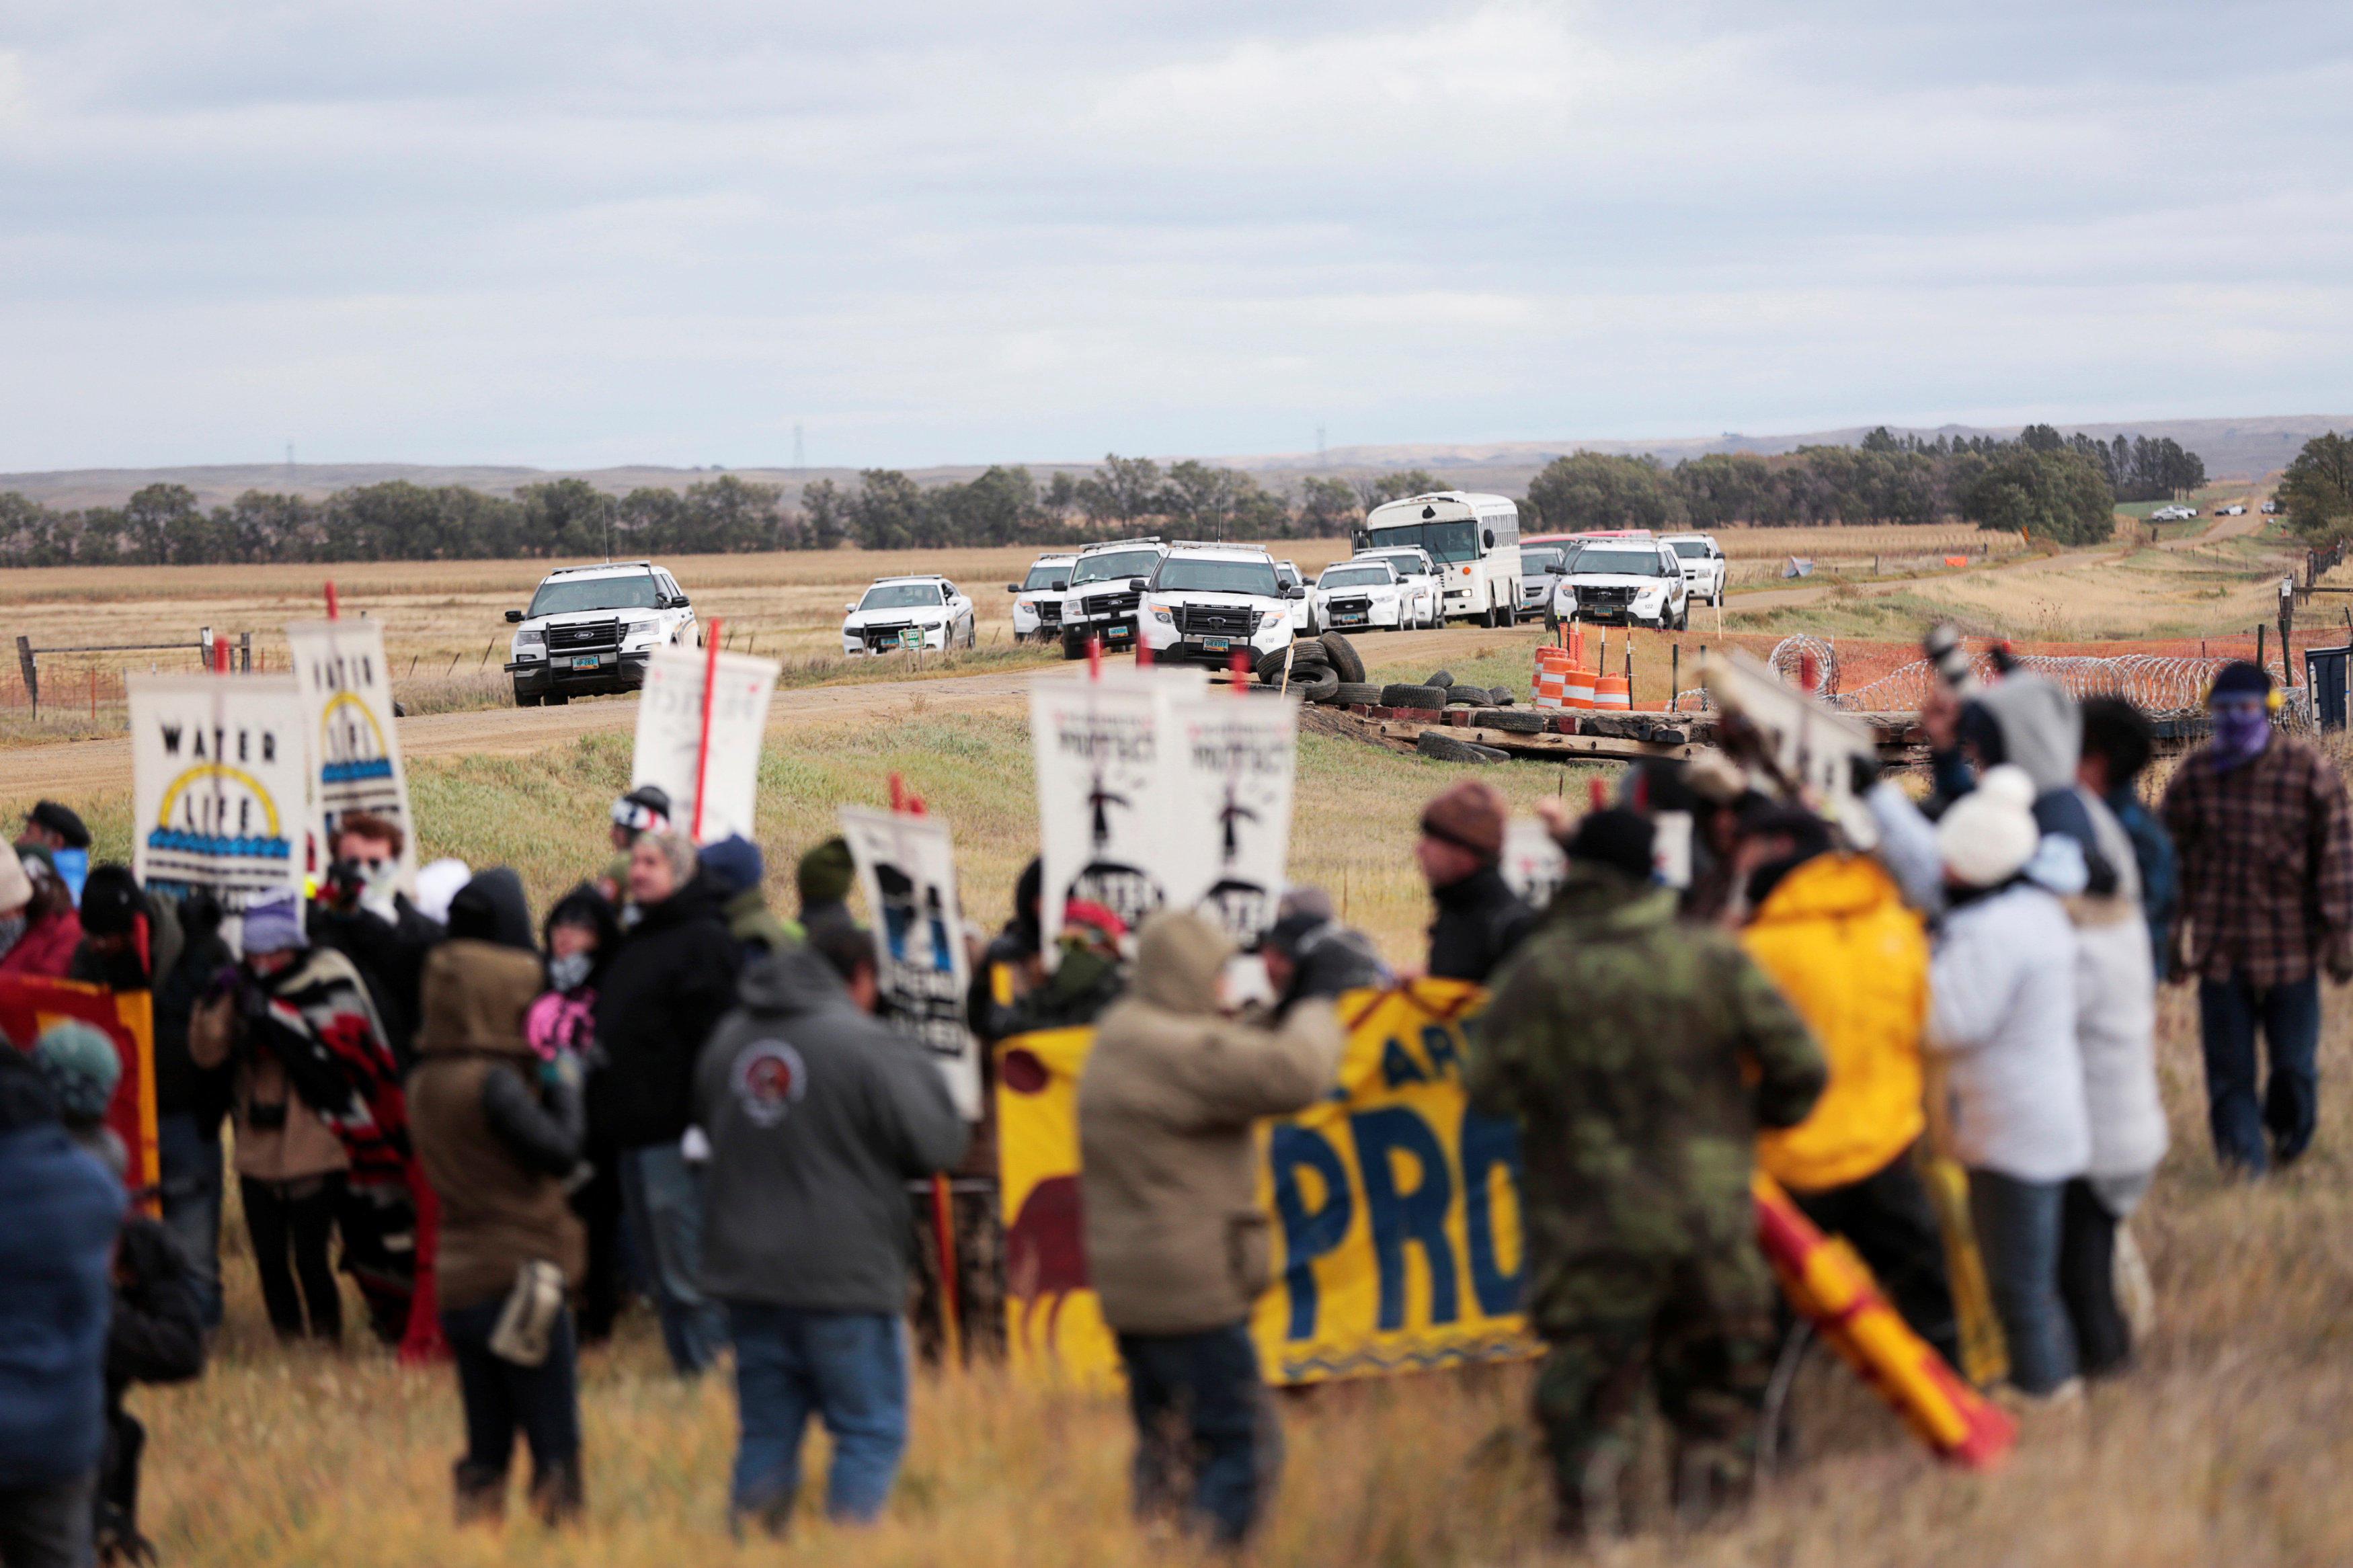 Dakota Access Pipeline Protest Private Property